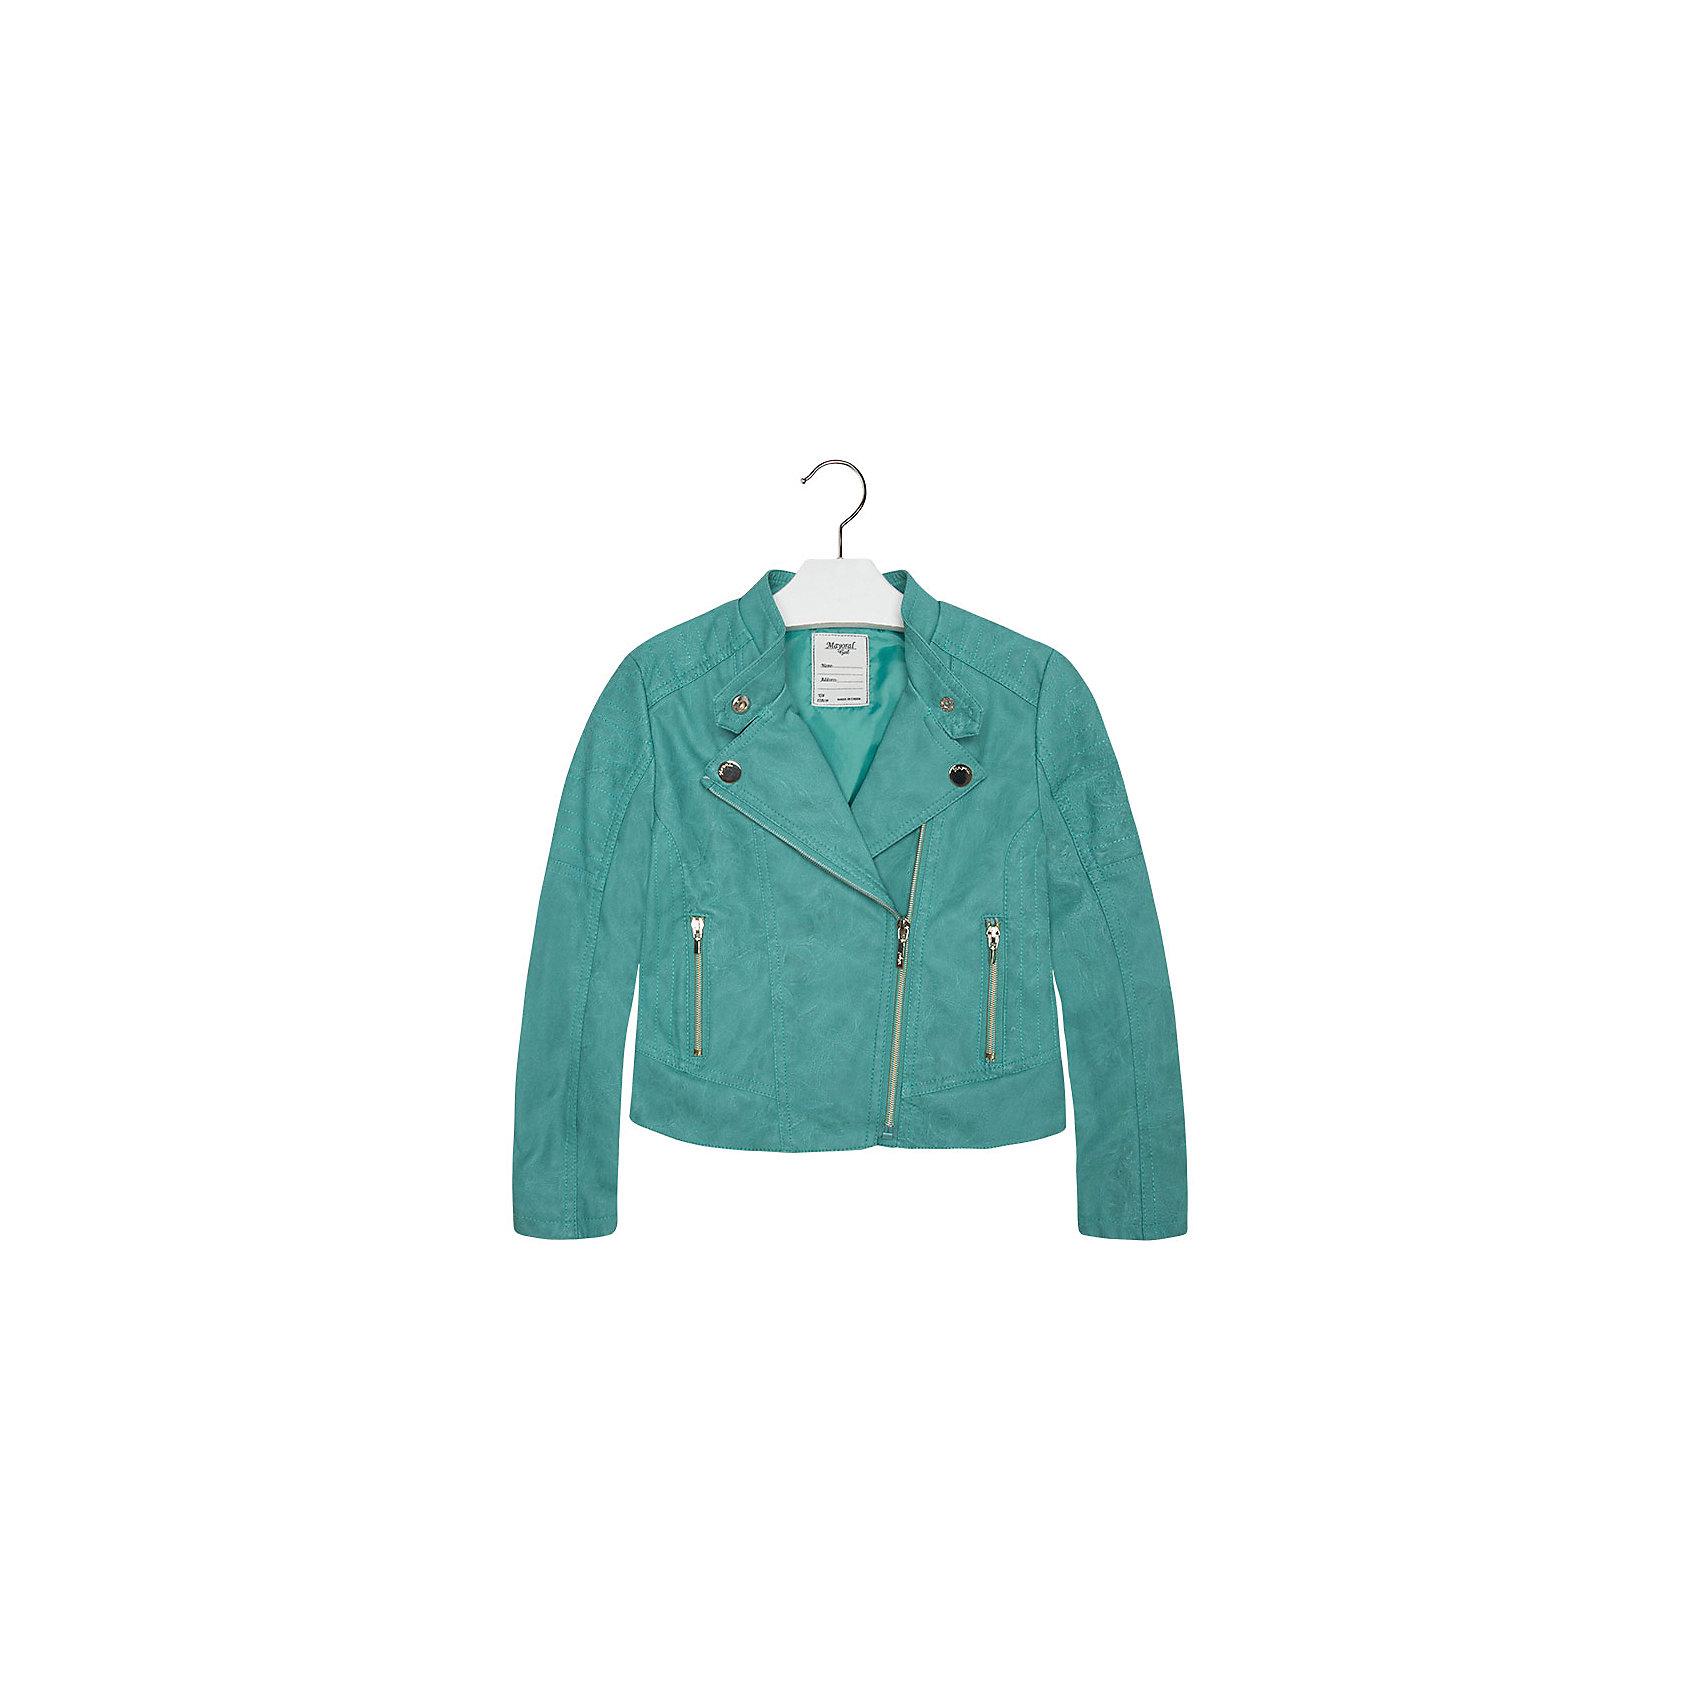 Куртка для девочки MayoralКуртка для девочки от известной испанской марки Mayoral приведет в восторг любую девочку и добавит образу юной модницы оригинальность и стиль. <br><br>Дополнительная информация:<br><br>- Стильный, актуальный дизайн.<br>- Застегивается на молнию.<br>- Воротник-стойка застегивается на кнопки.<br>- 2 передних кармана на молнии.<br>- Декоративная отстрочка.<br>- Декоративные складки на спине.<br>- Состав: верх - 100% полиуретан, подкладка - 100% полиэстер. <br><br>Куртку для девочки Mayoral (Майорал) можно купить в нашем магазине.<br><br>Ширина мм: 356<br>Глубина мм: 10<br>Высота мм: 245<br>Вес г: 519<br>Цвет: зеленый<br>Возраст от месяцев: 132<br>Возраст до месяцев: 144<br>Пол: Женский<br>Возраст: Детский<br>Размер: 152,140,170,128,158,164<br>SKU: 4538531